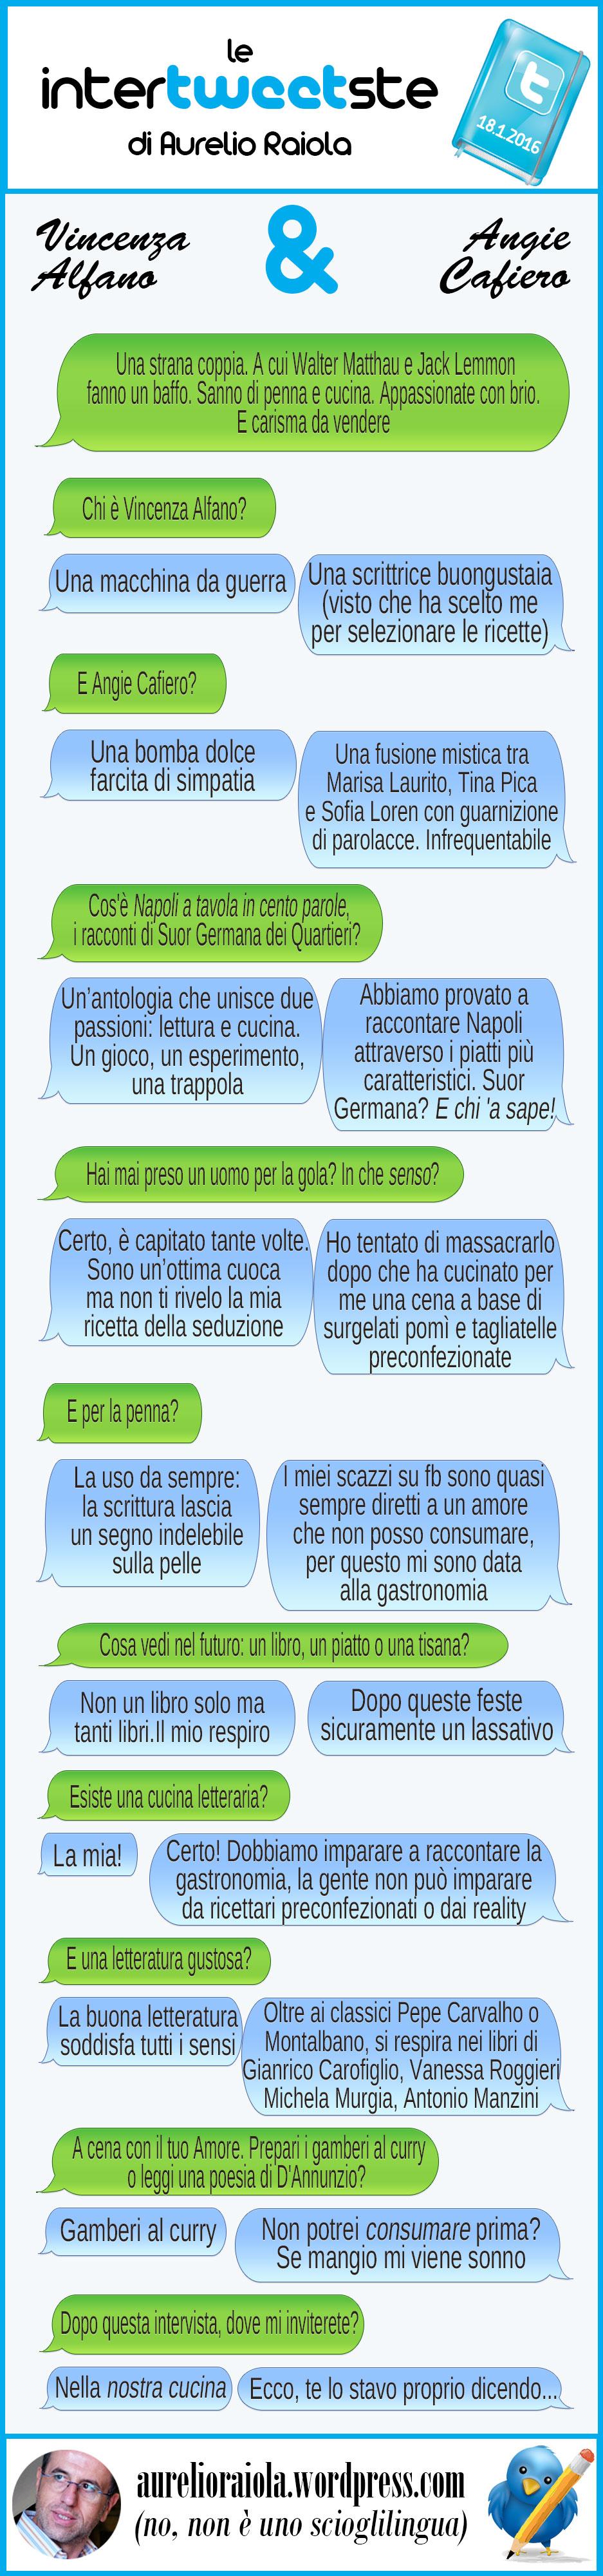 Intertweetste-Vincenza-Alfano-e-Angie-Cafiero_forweb